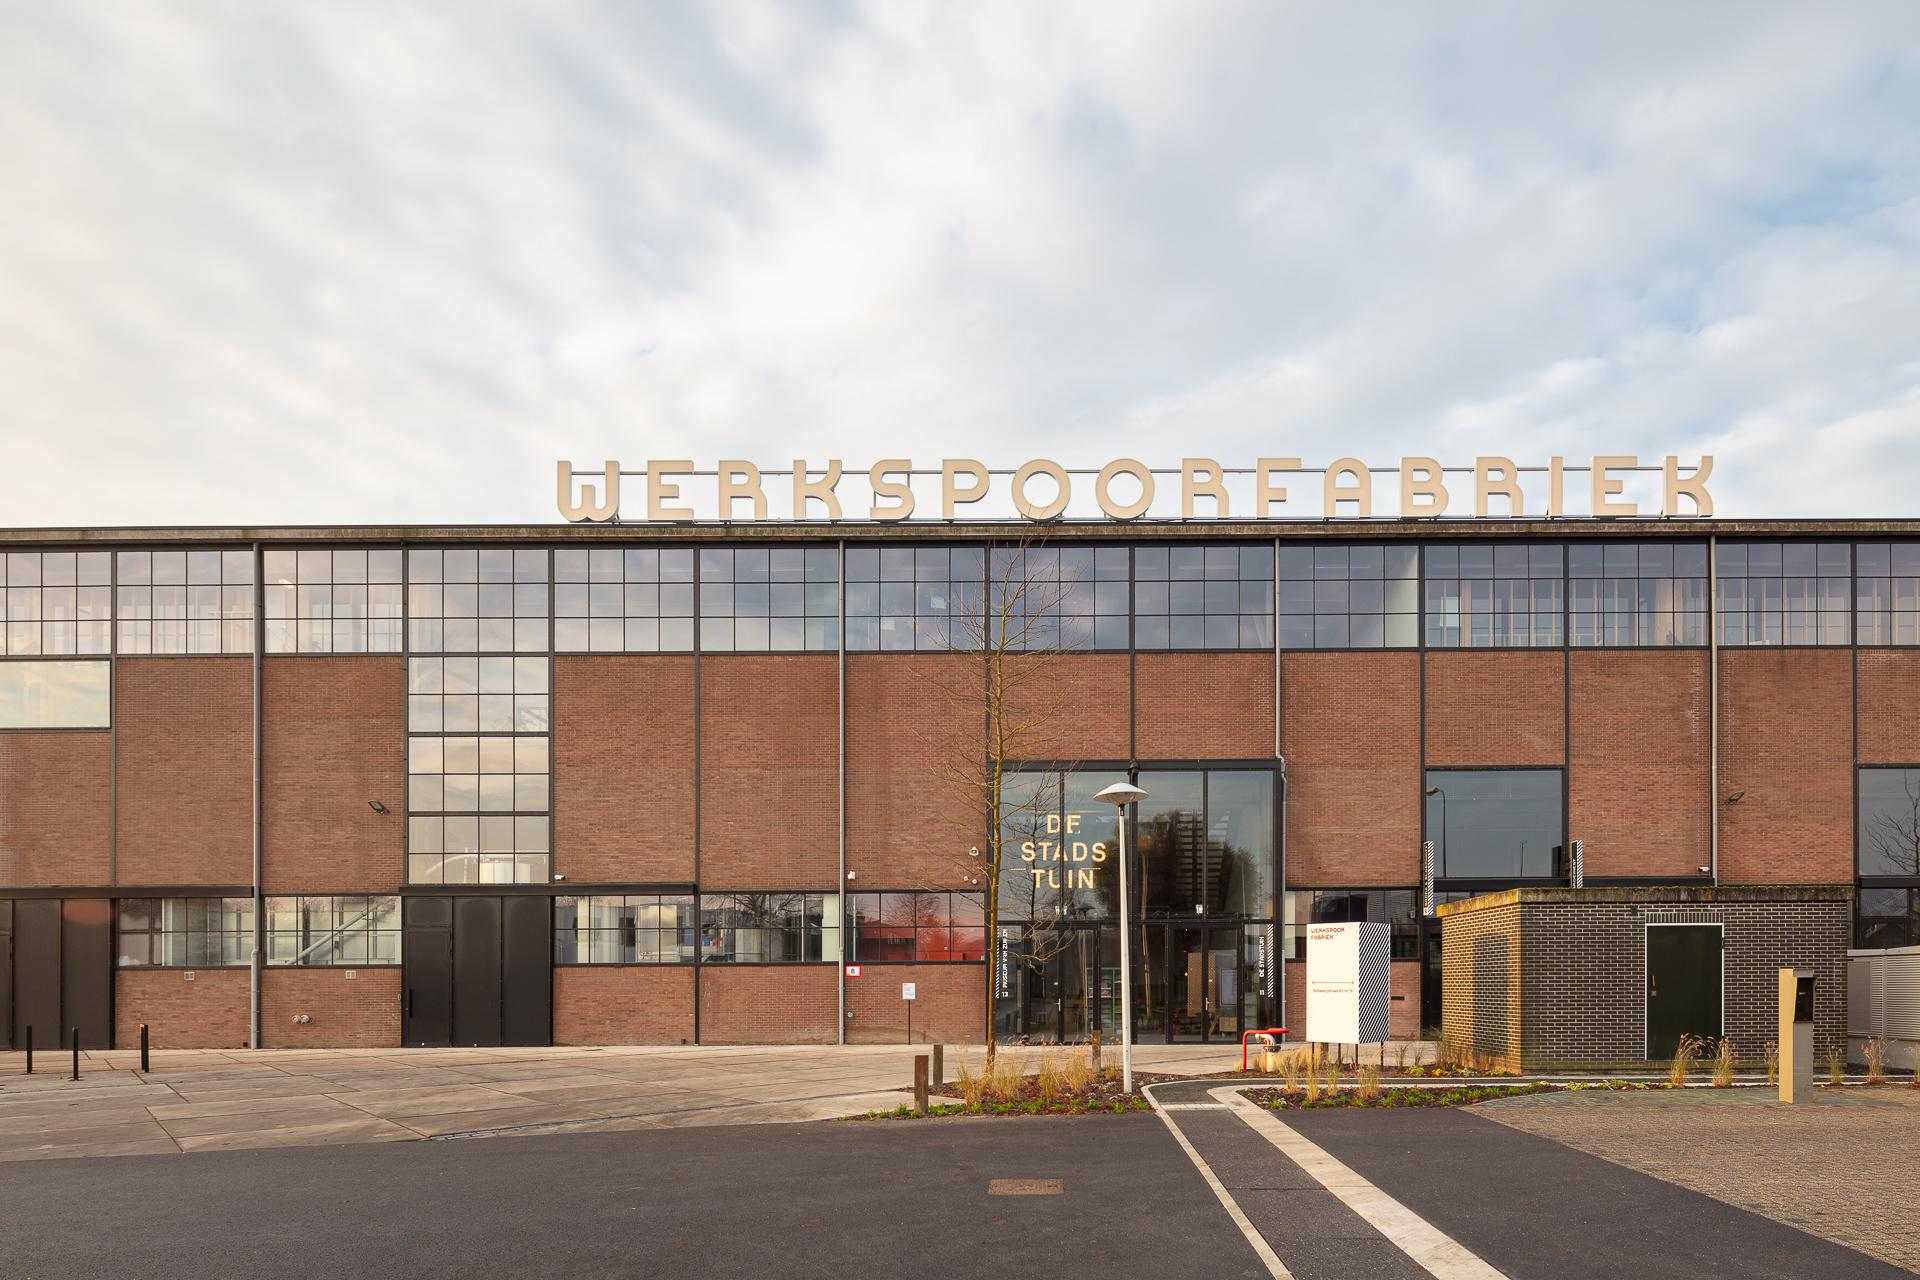 SP2019-Werkspoorfabriek-Exterieur-8-LowRes